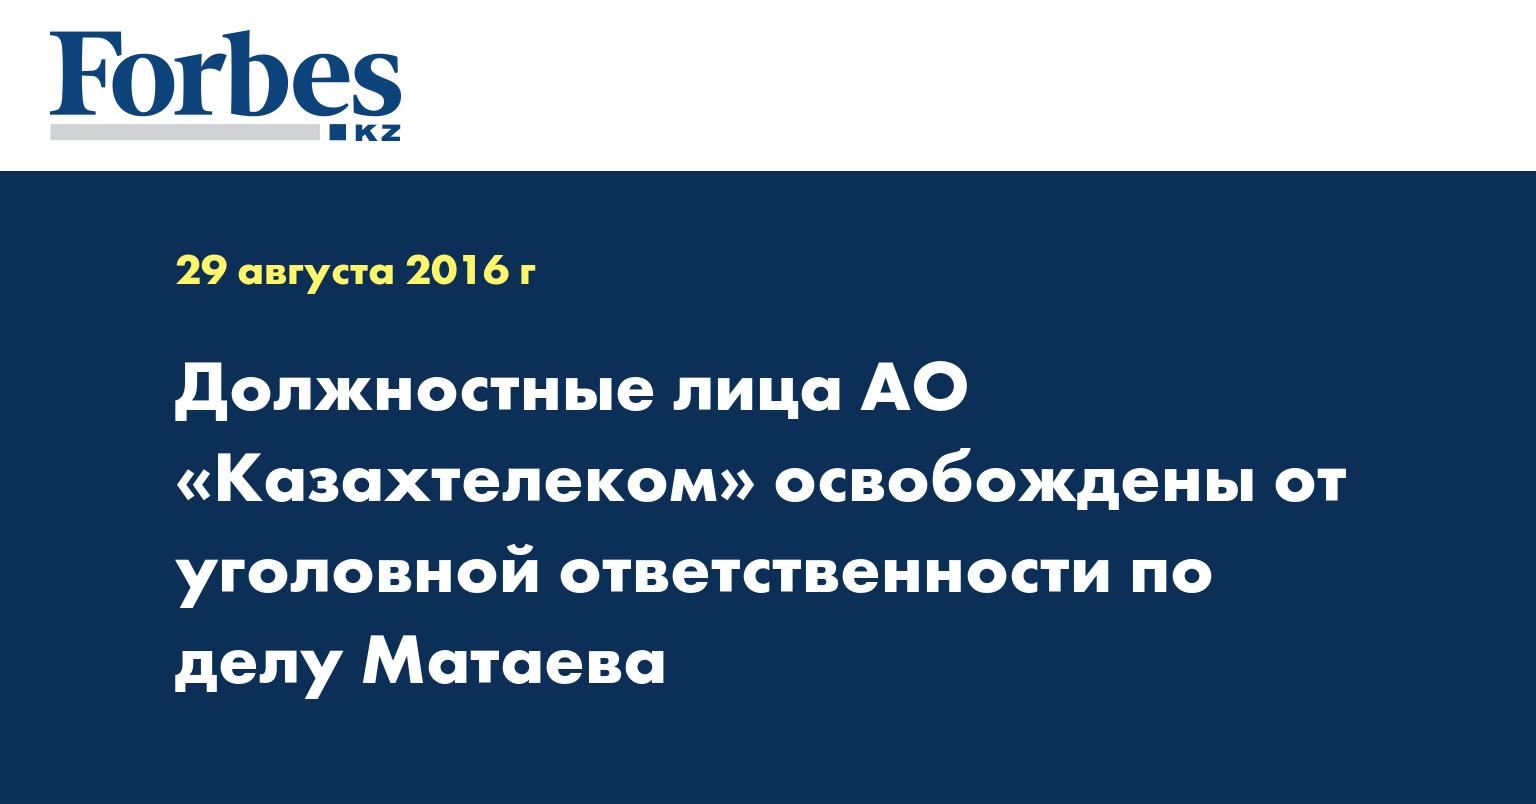 Должностные лица АО «Казахтелеком» освобождены от уголовной ответственности по делу Матаева